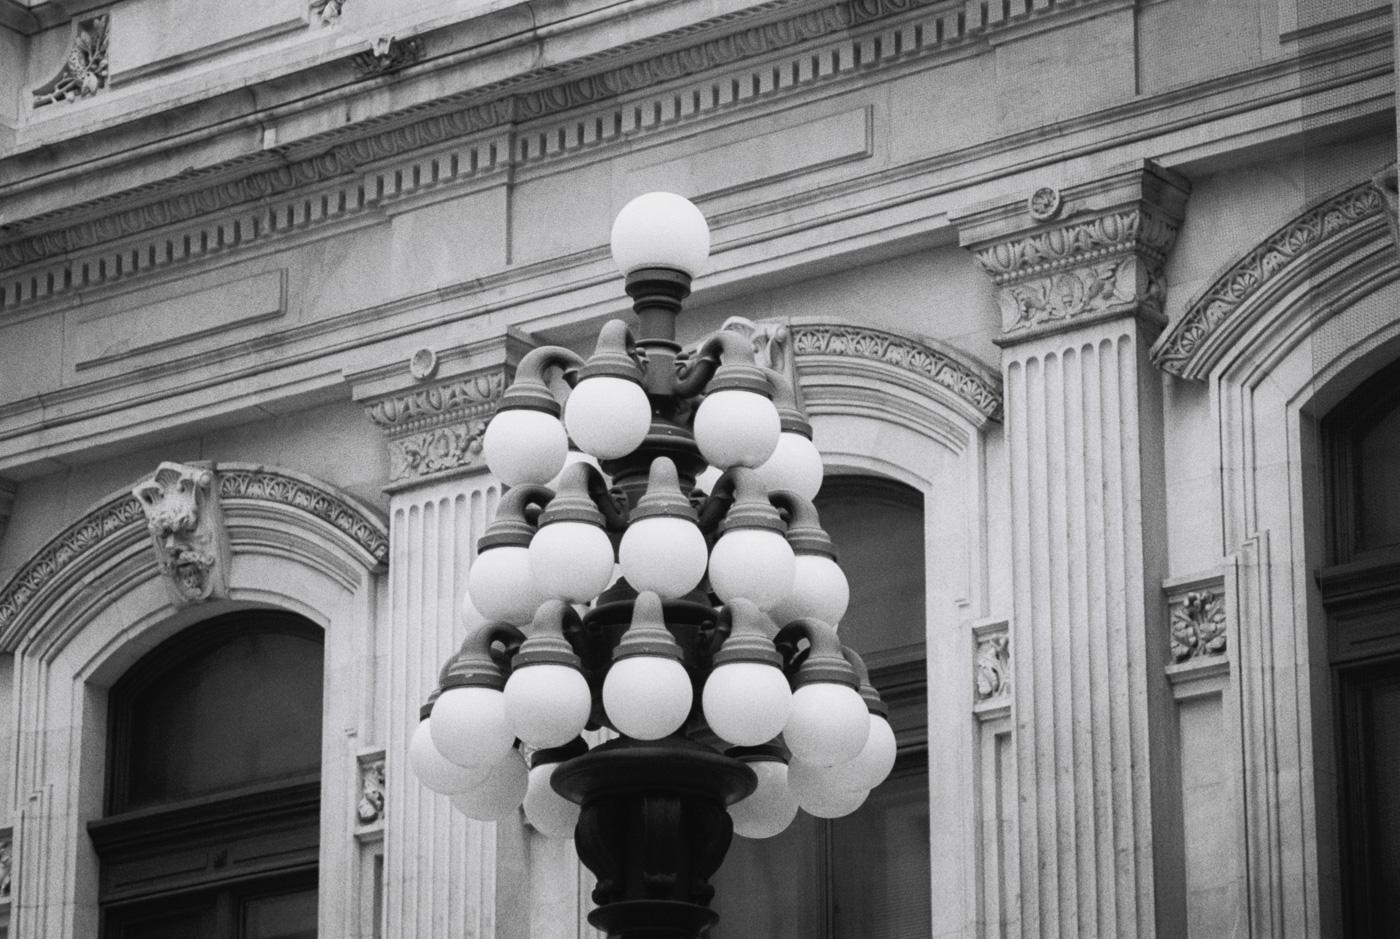 Lamp outside Philadelphia City Hall